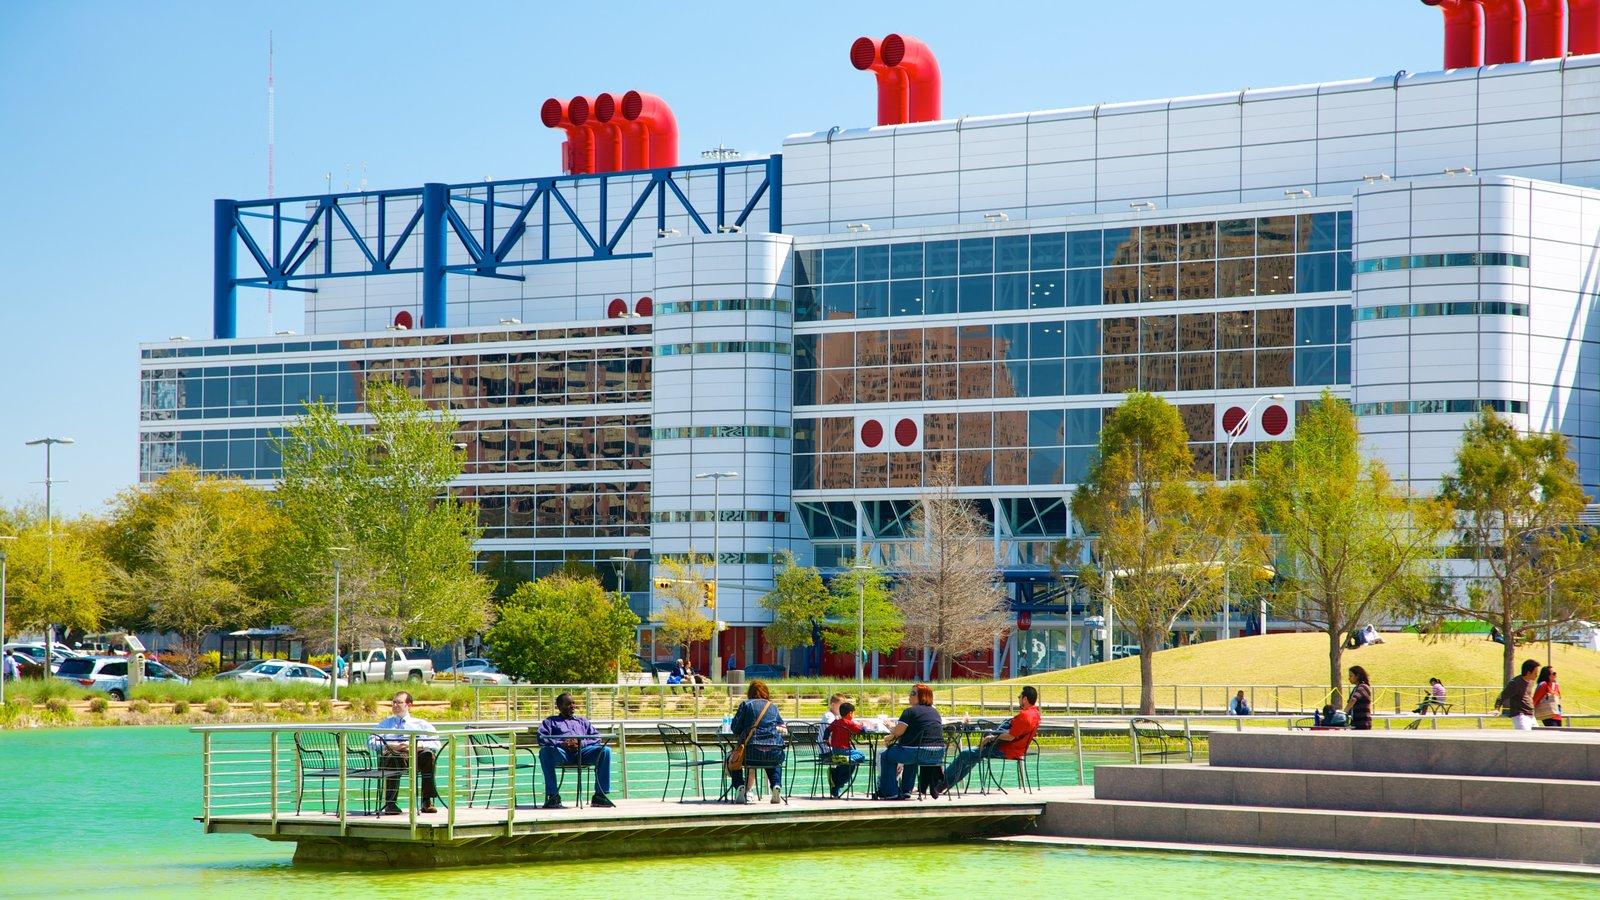 Discovery Green que inclui arquitetura moderna, uma cidade e um lago